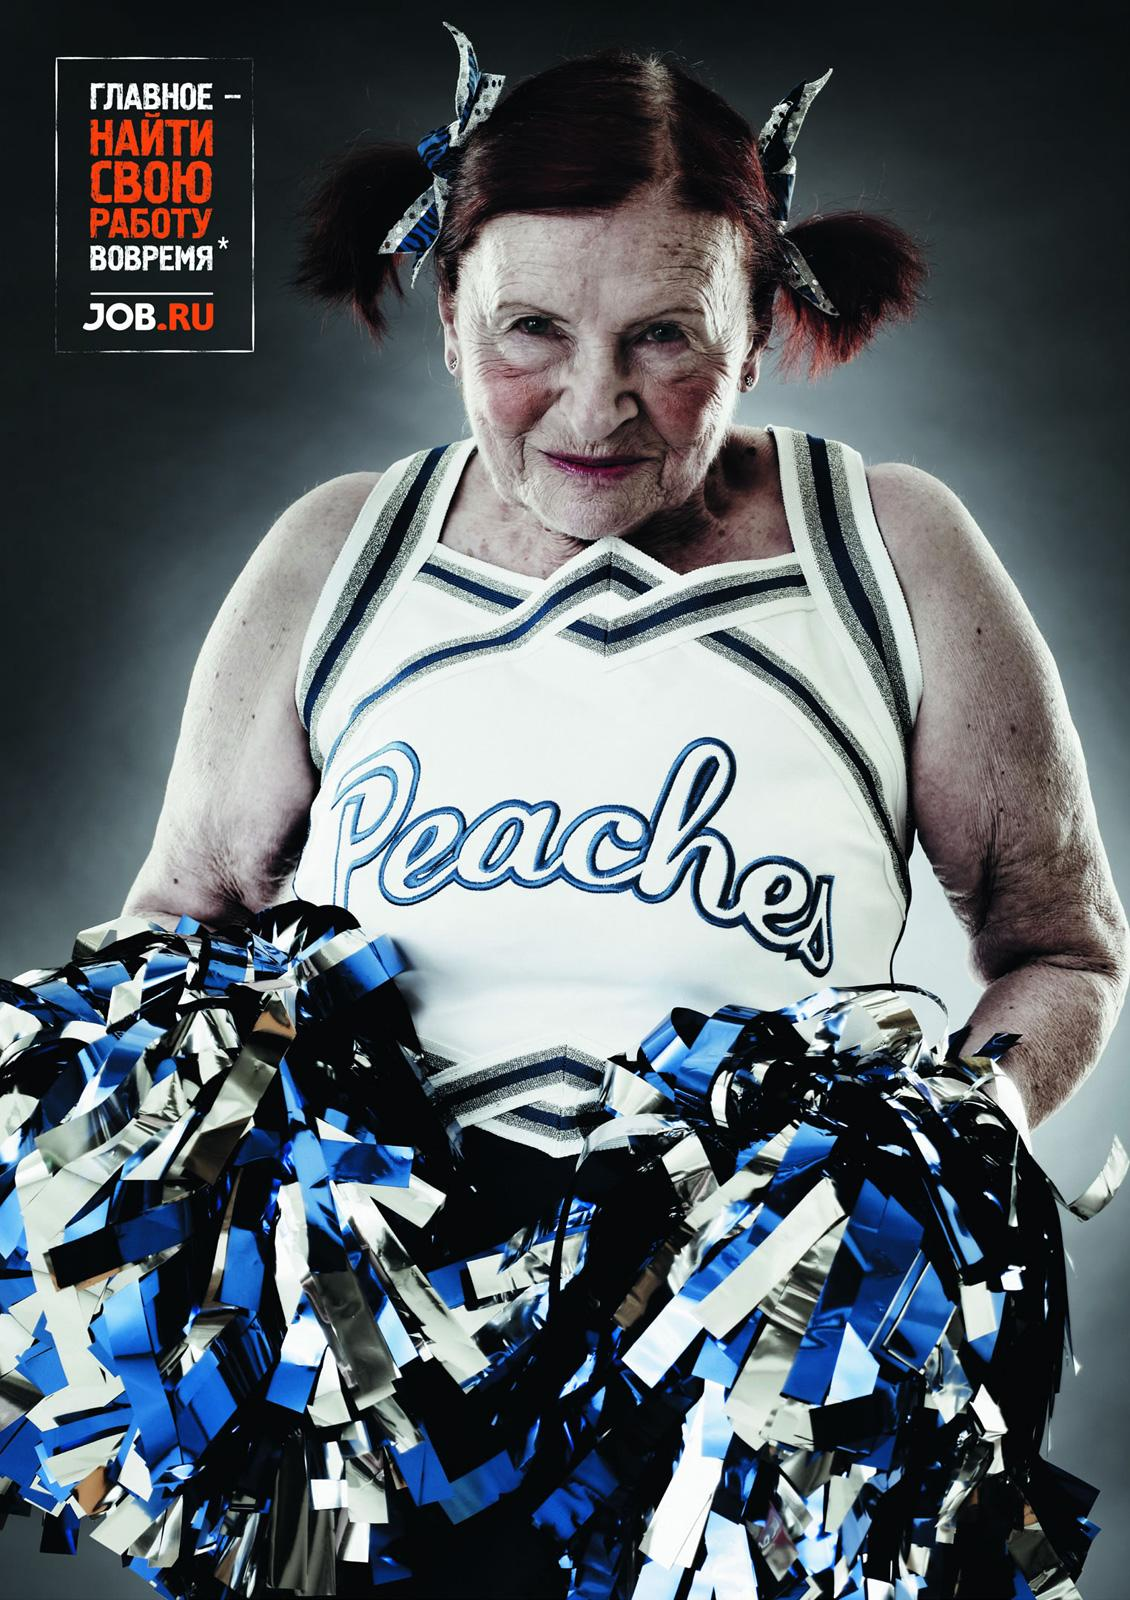 job.ru Print Ad -  Oldies, Cheerleader